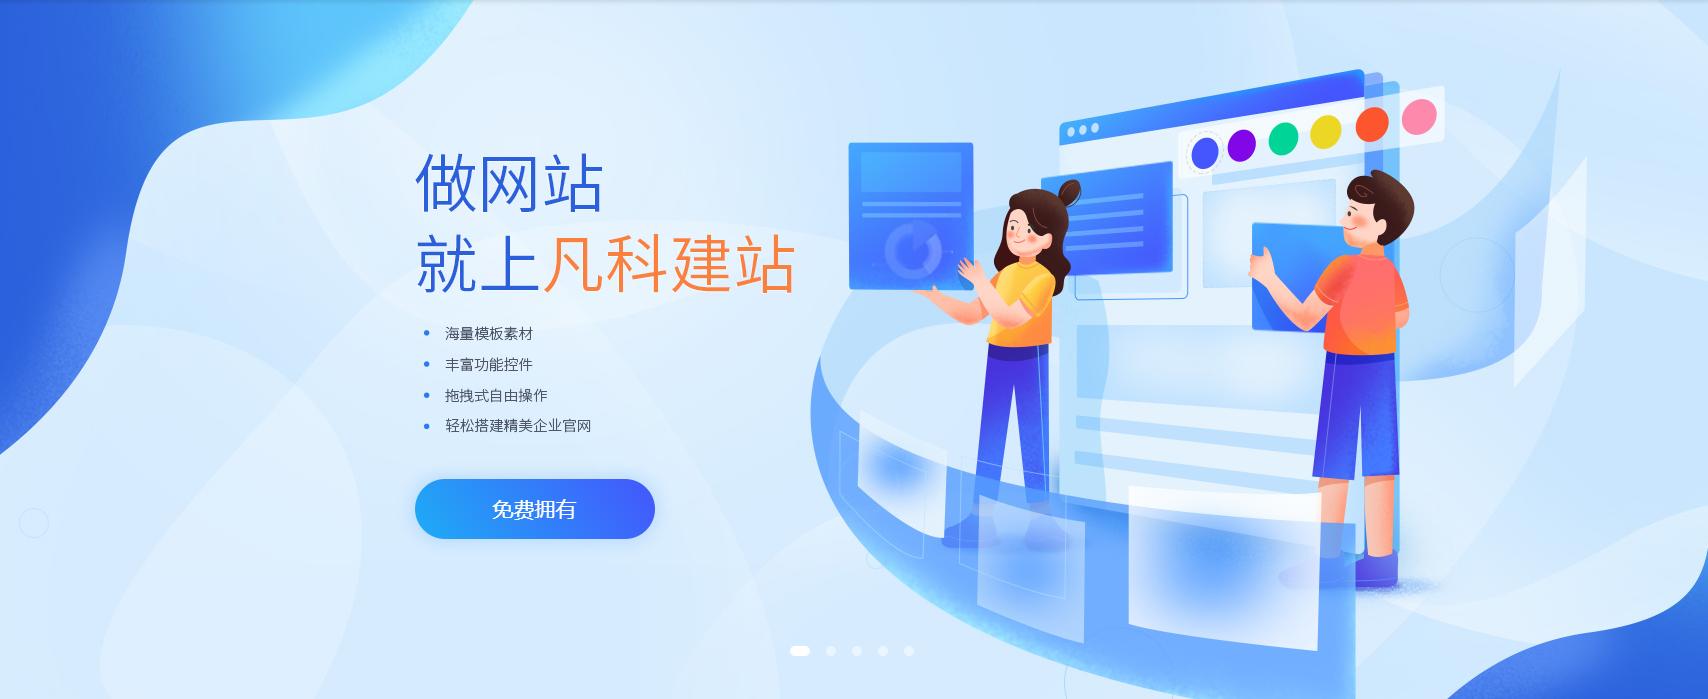 企业网站目标用户